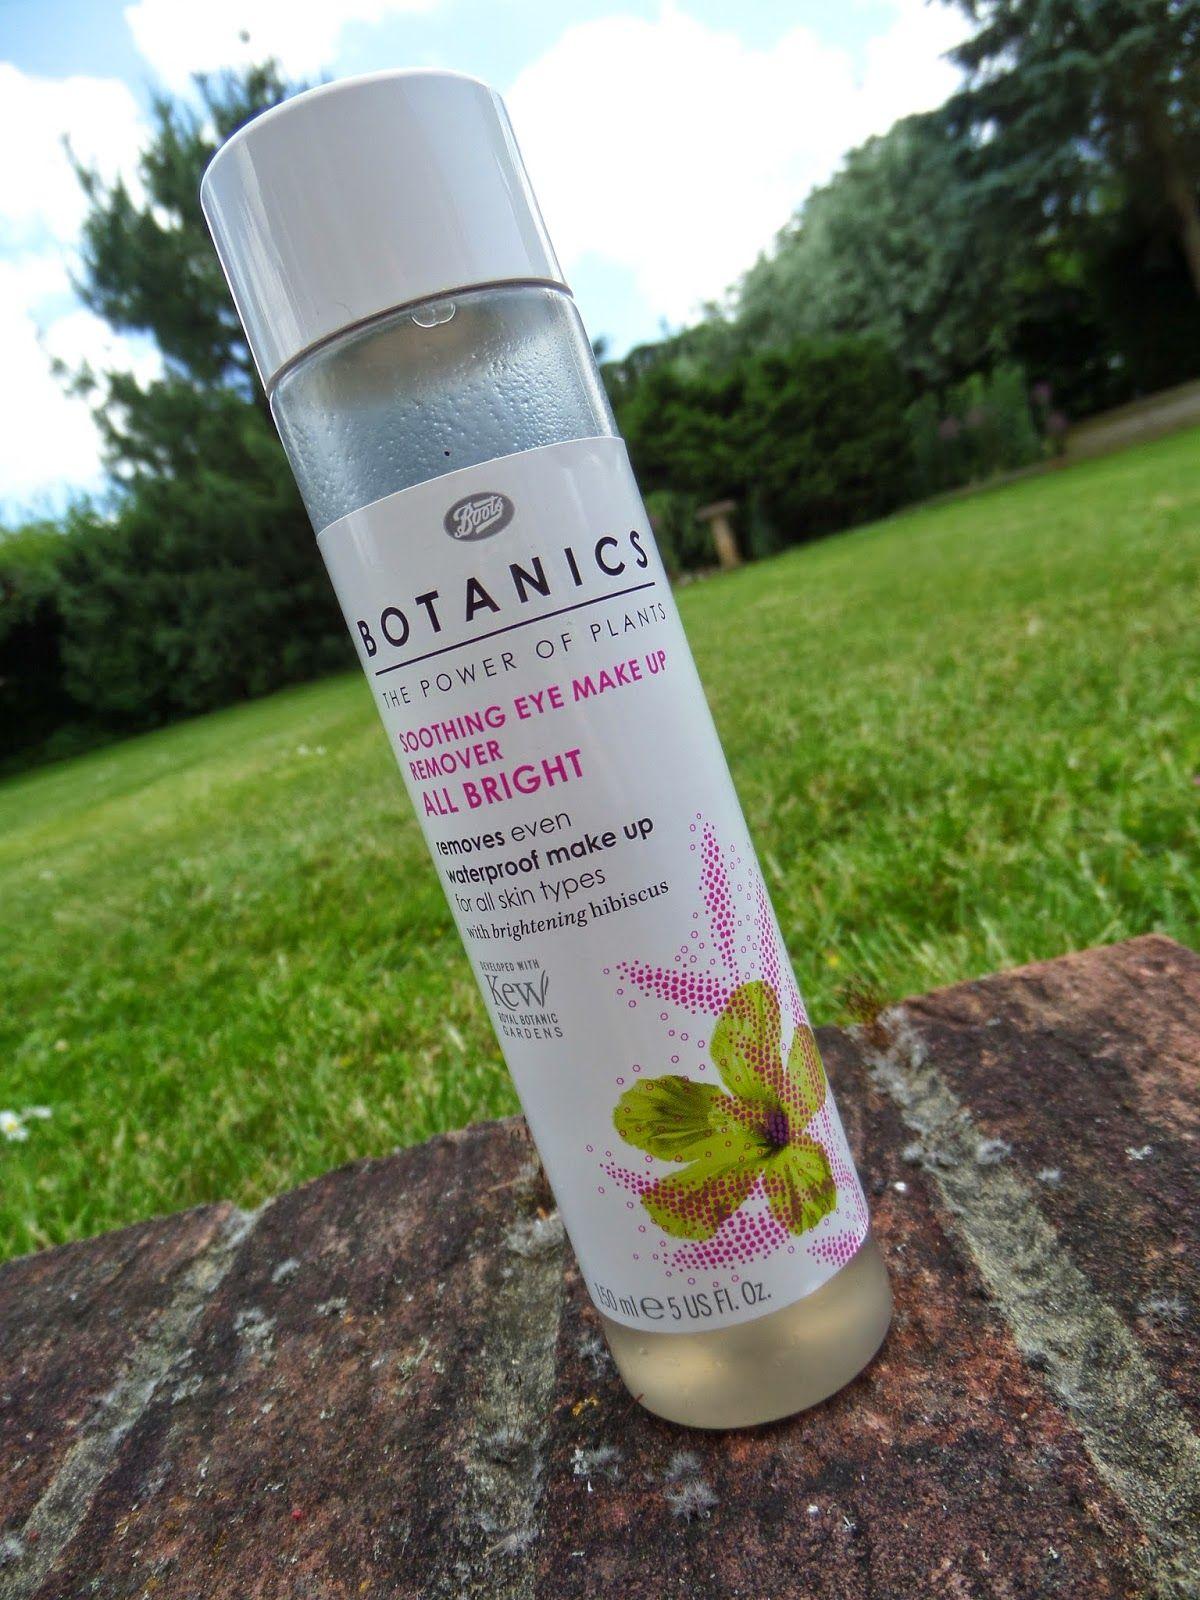 Emmaamazingemma Review Boots Botanics Soothing Eye Make